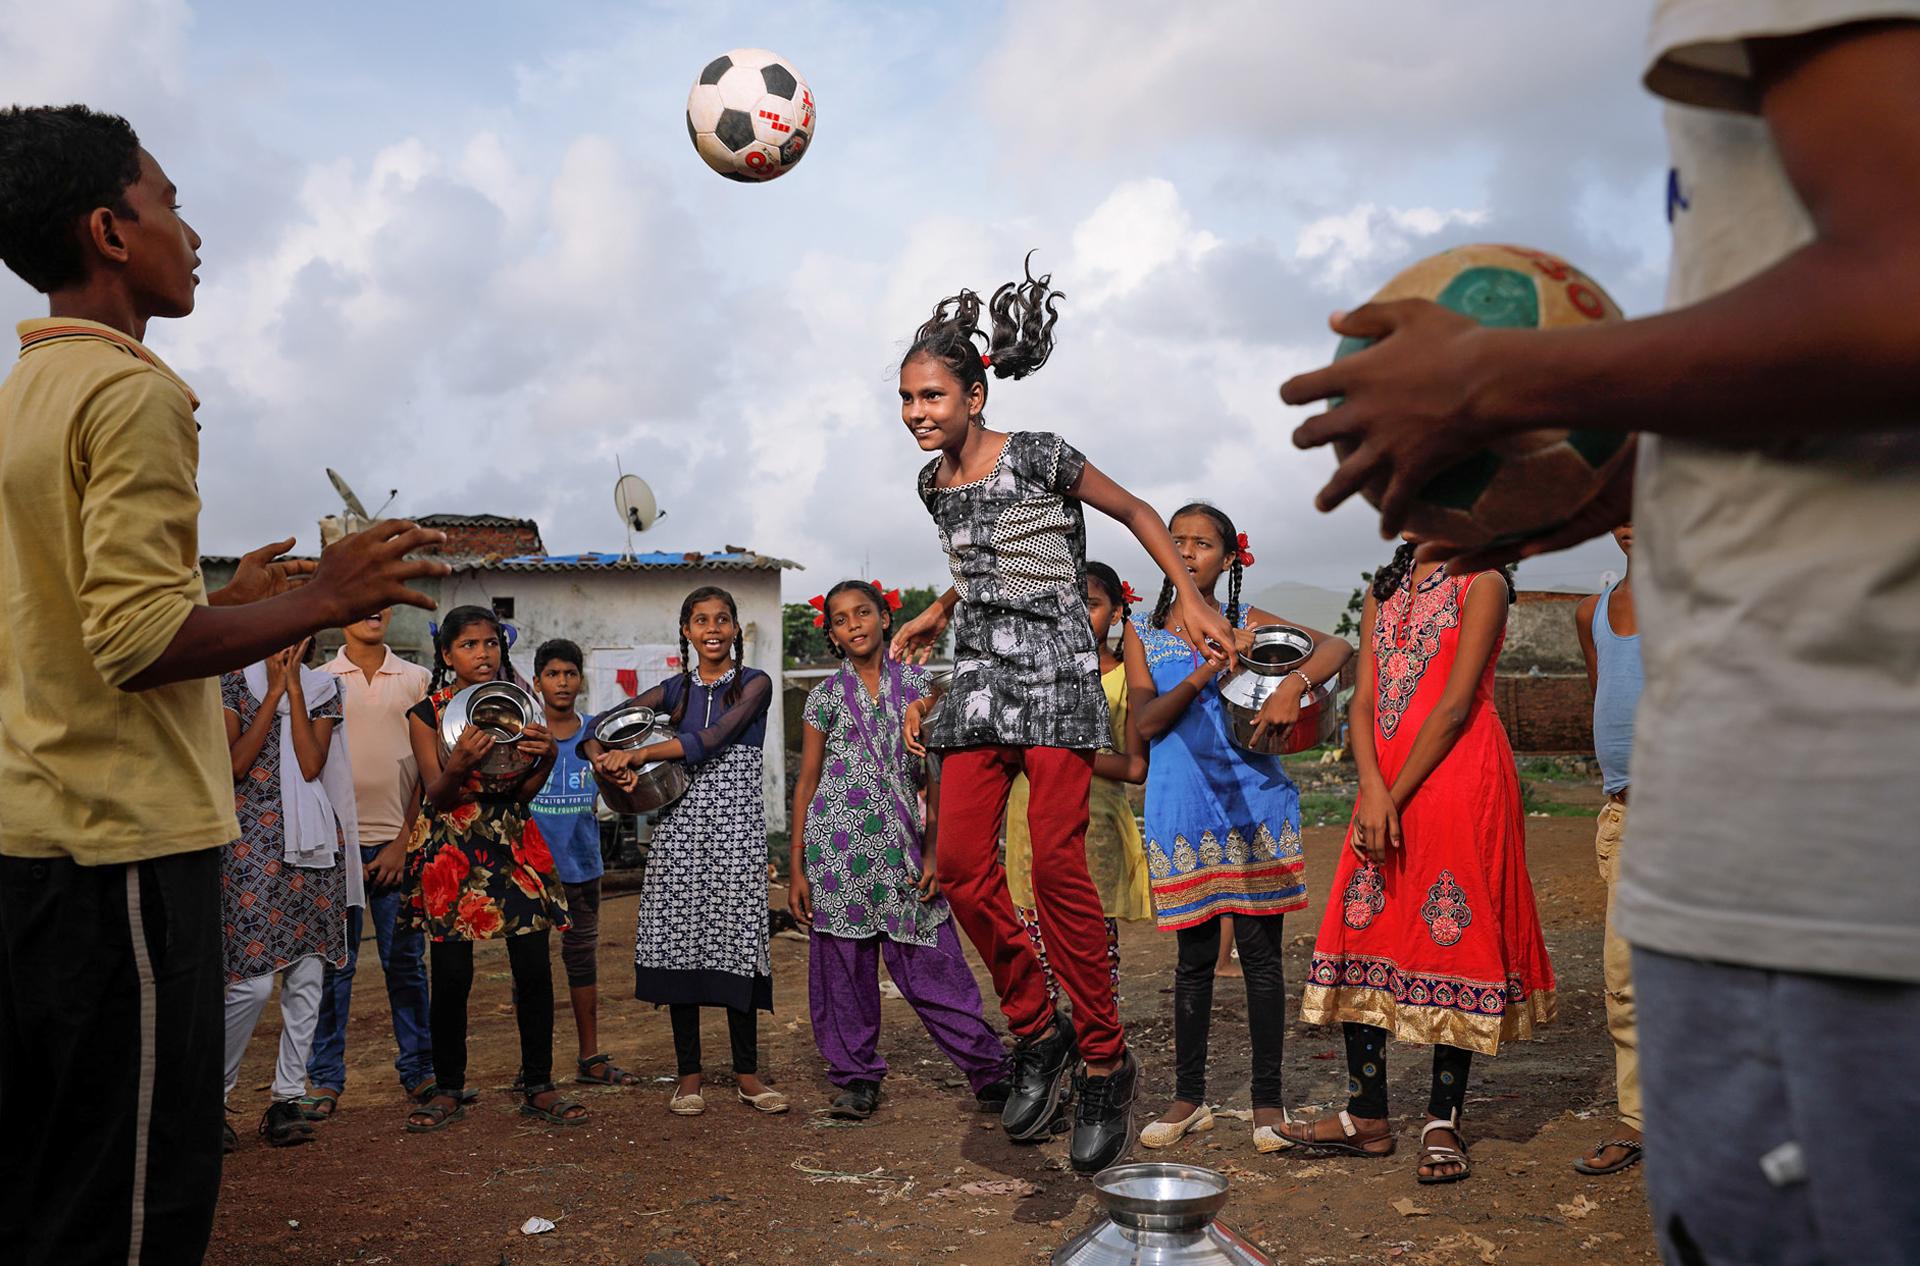 Ashima Narain es una fotógrada y cineasta, representada por National Geographic. En marzo de 2017, la revista TIME la incluyó como una de las 34 mejores fotógrafas del mundo (Ashima Narain)